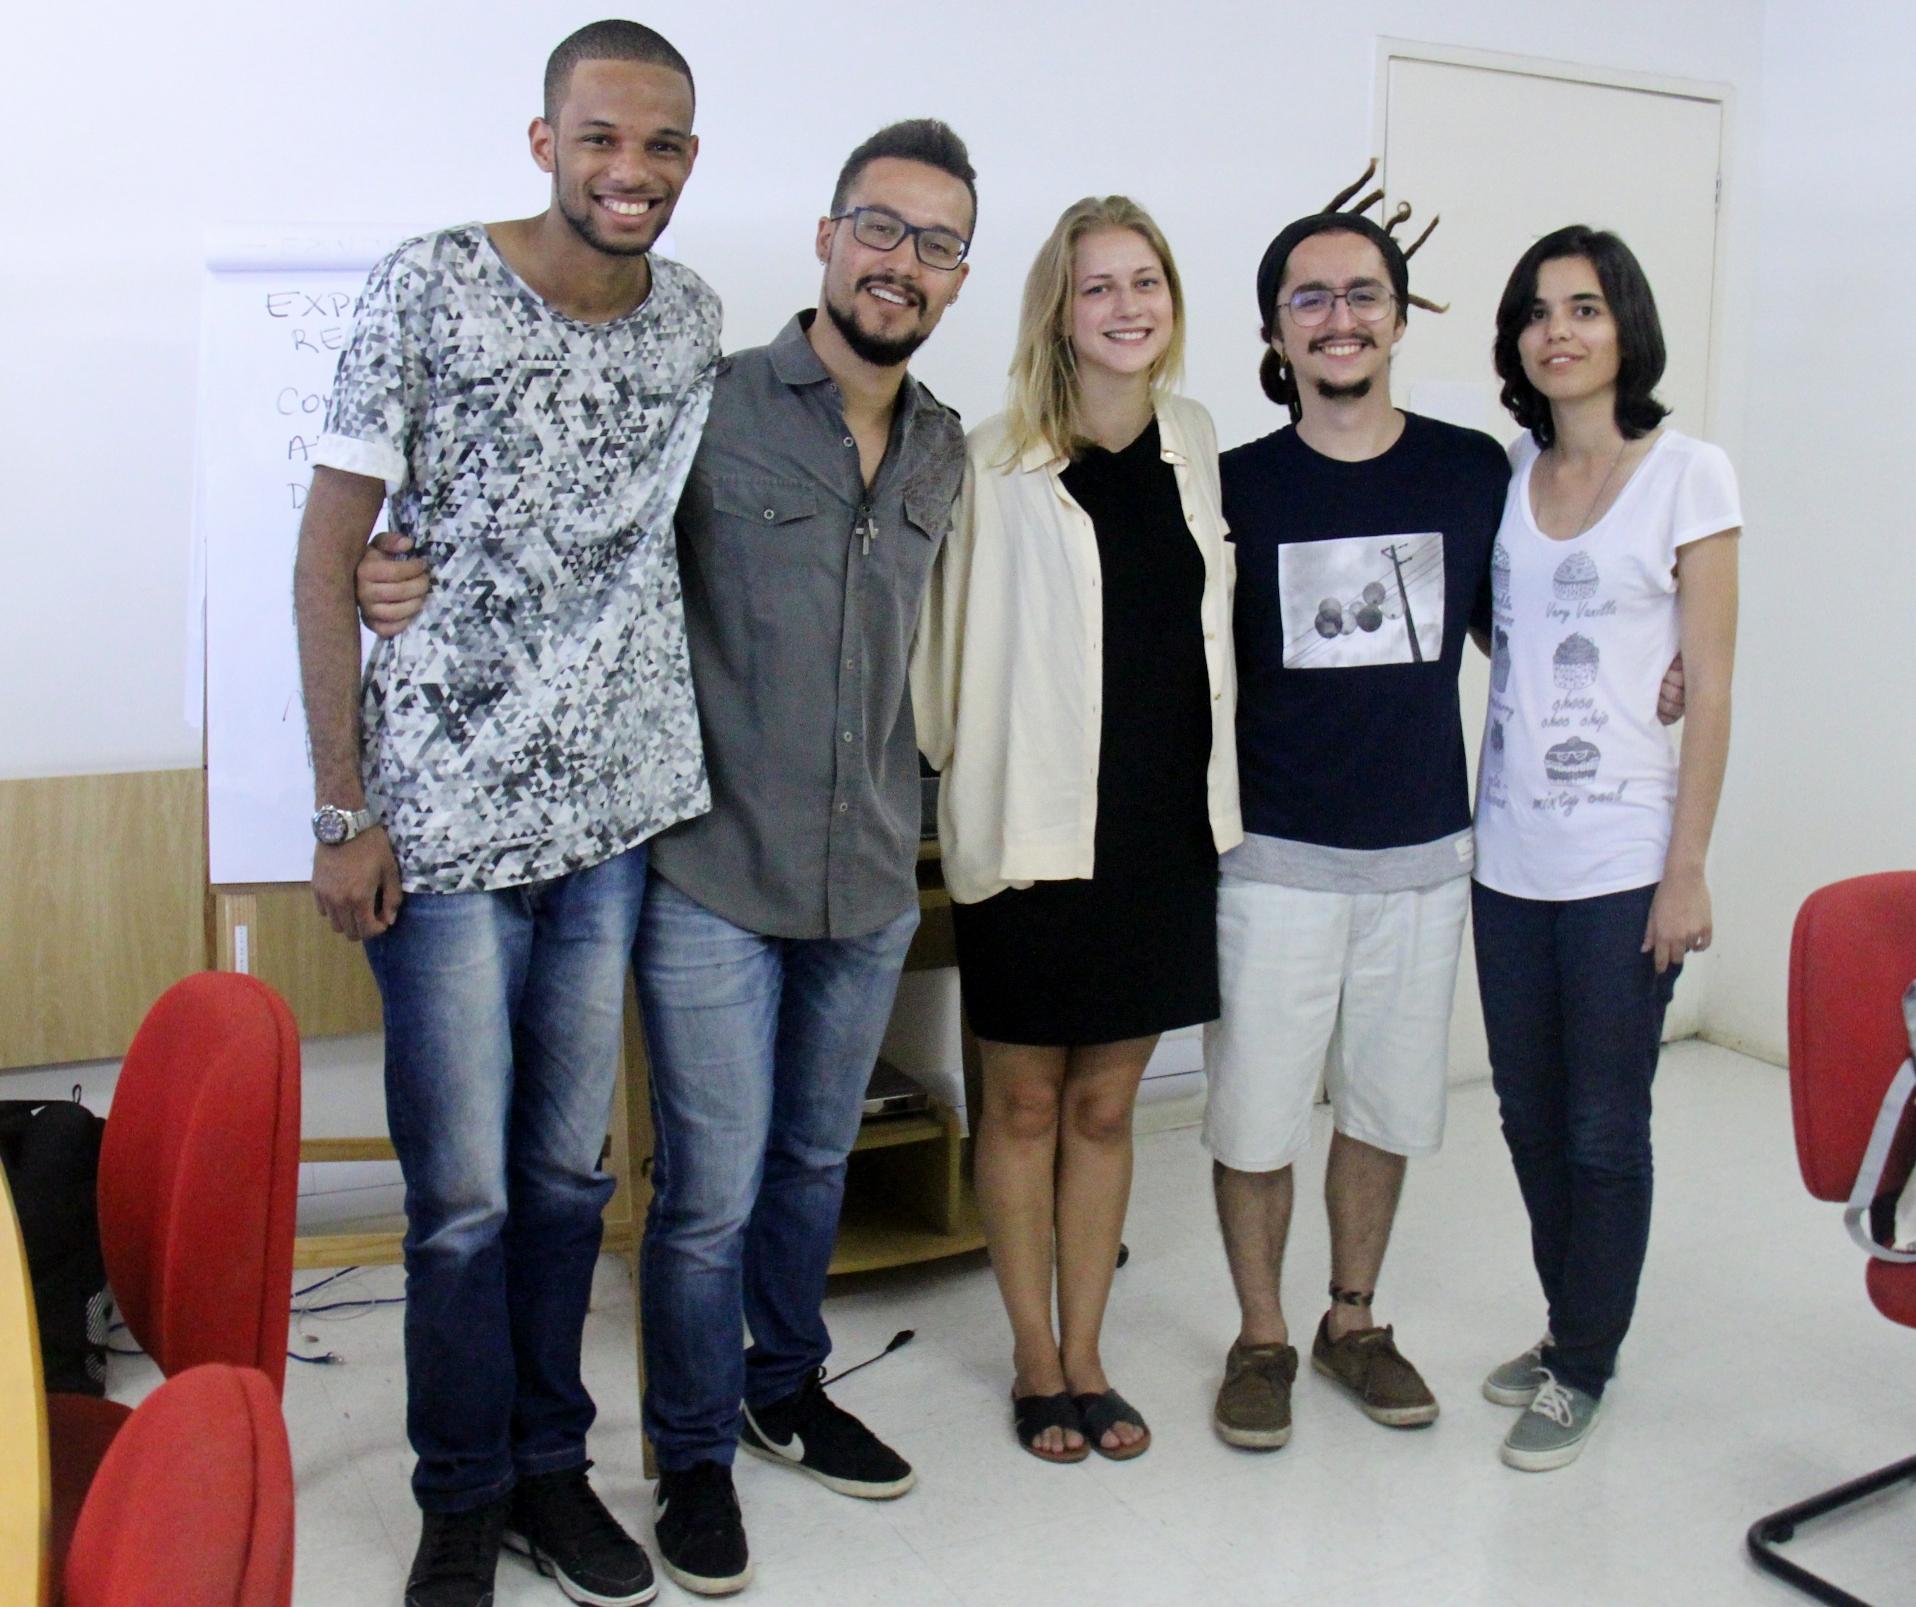 Intercambistas brasileiros, do Projeto Guri, com intercambista da Noruega (centro)